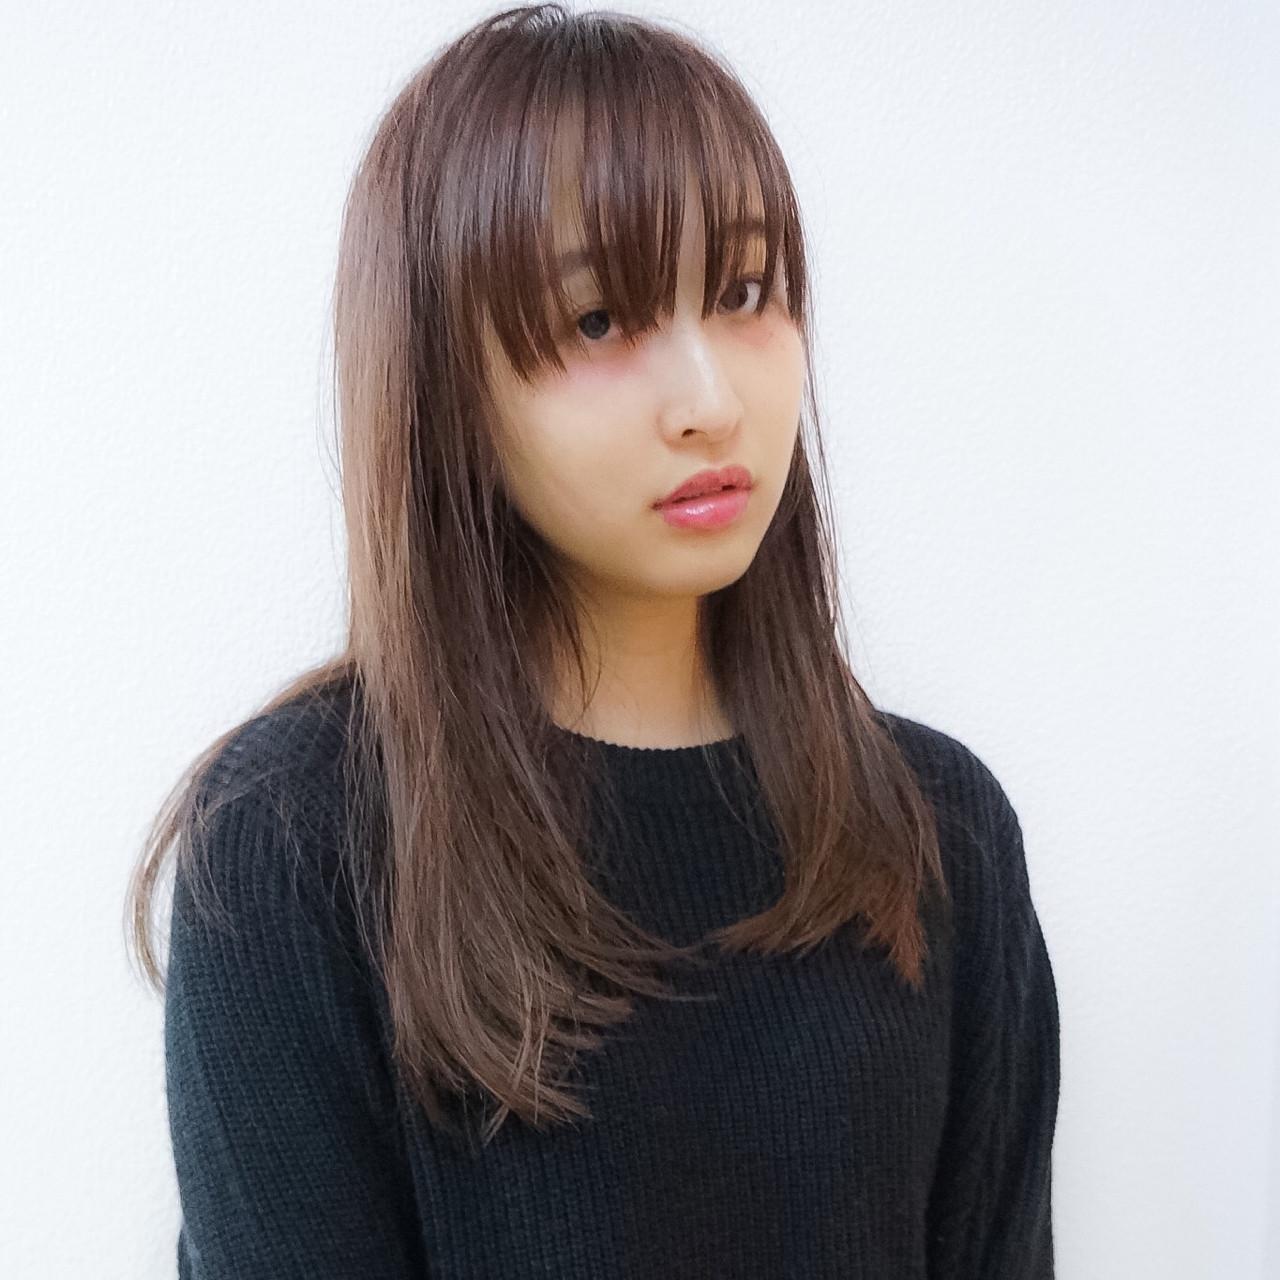 イルミナカラー ロング 外国人風 シースルーバング ヘアスタイルや髪型の写真・画像